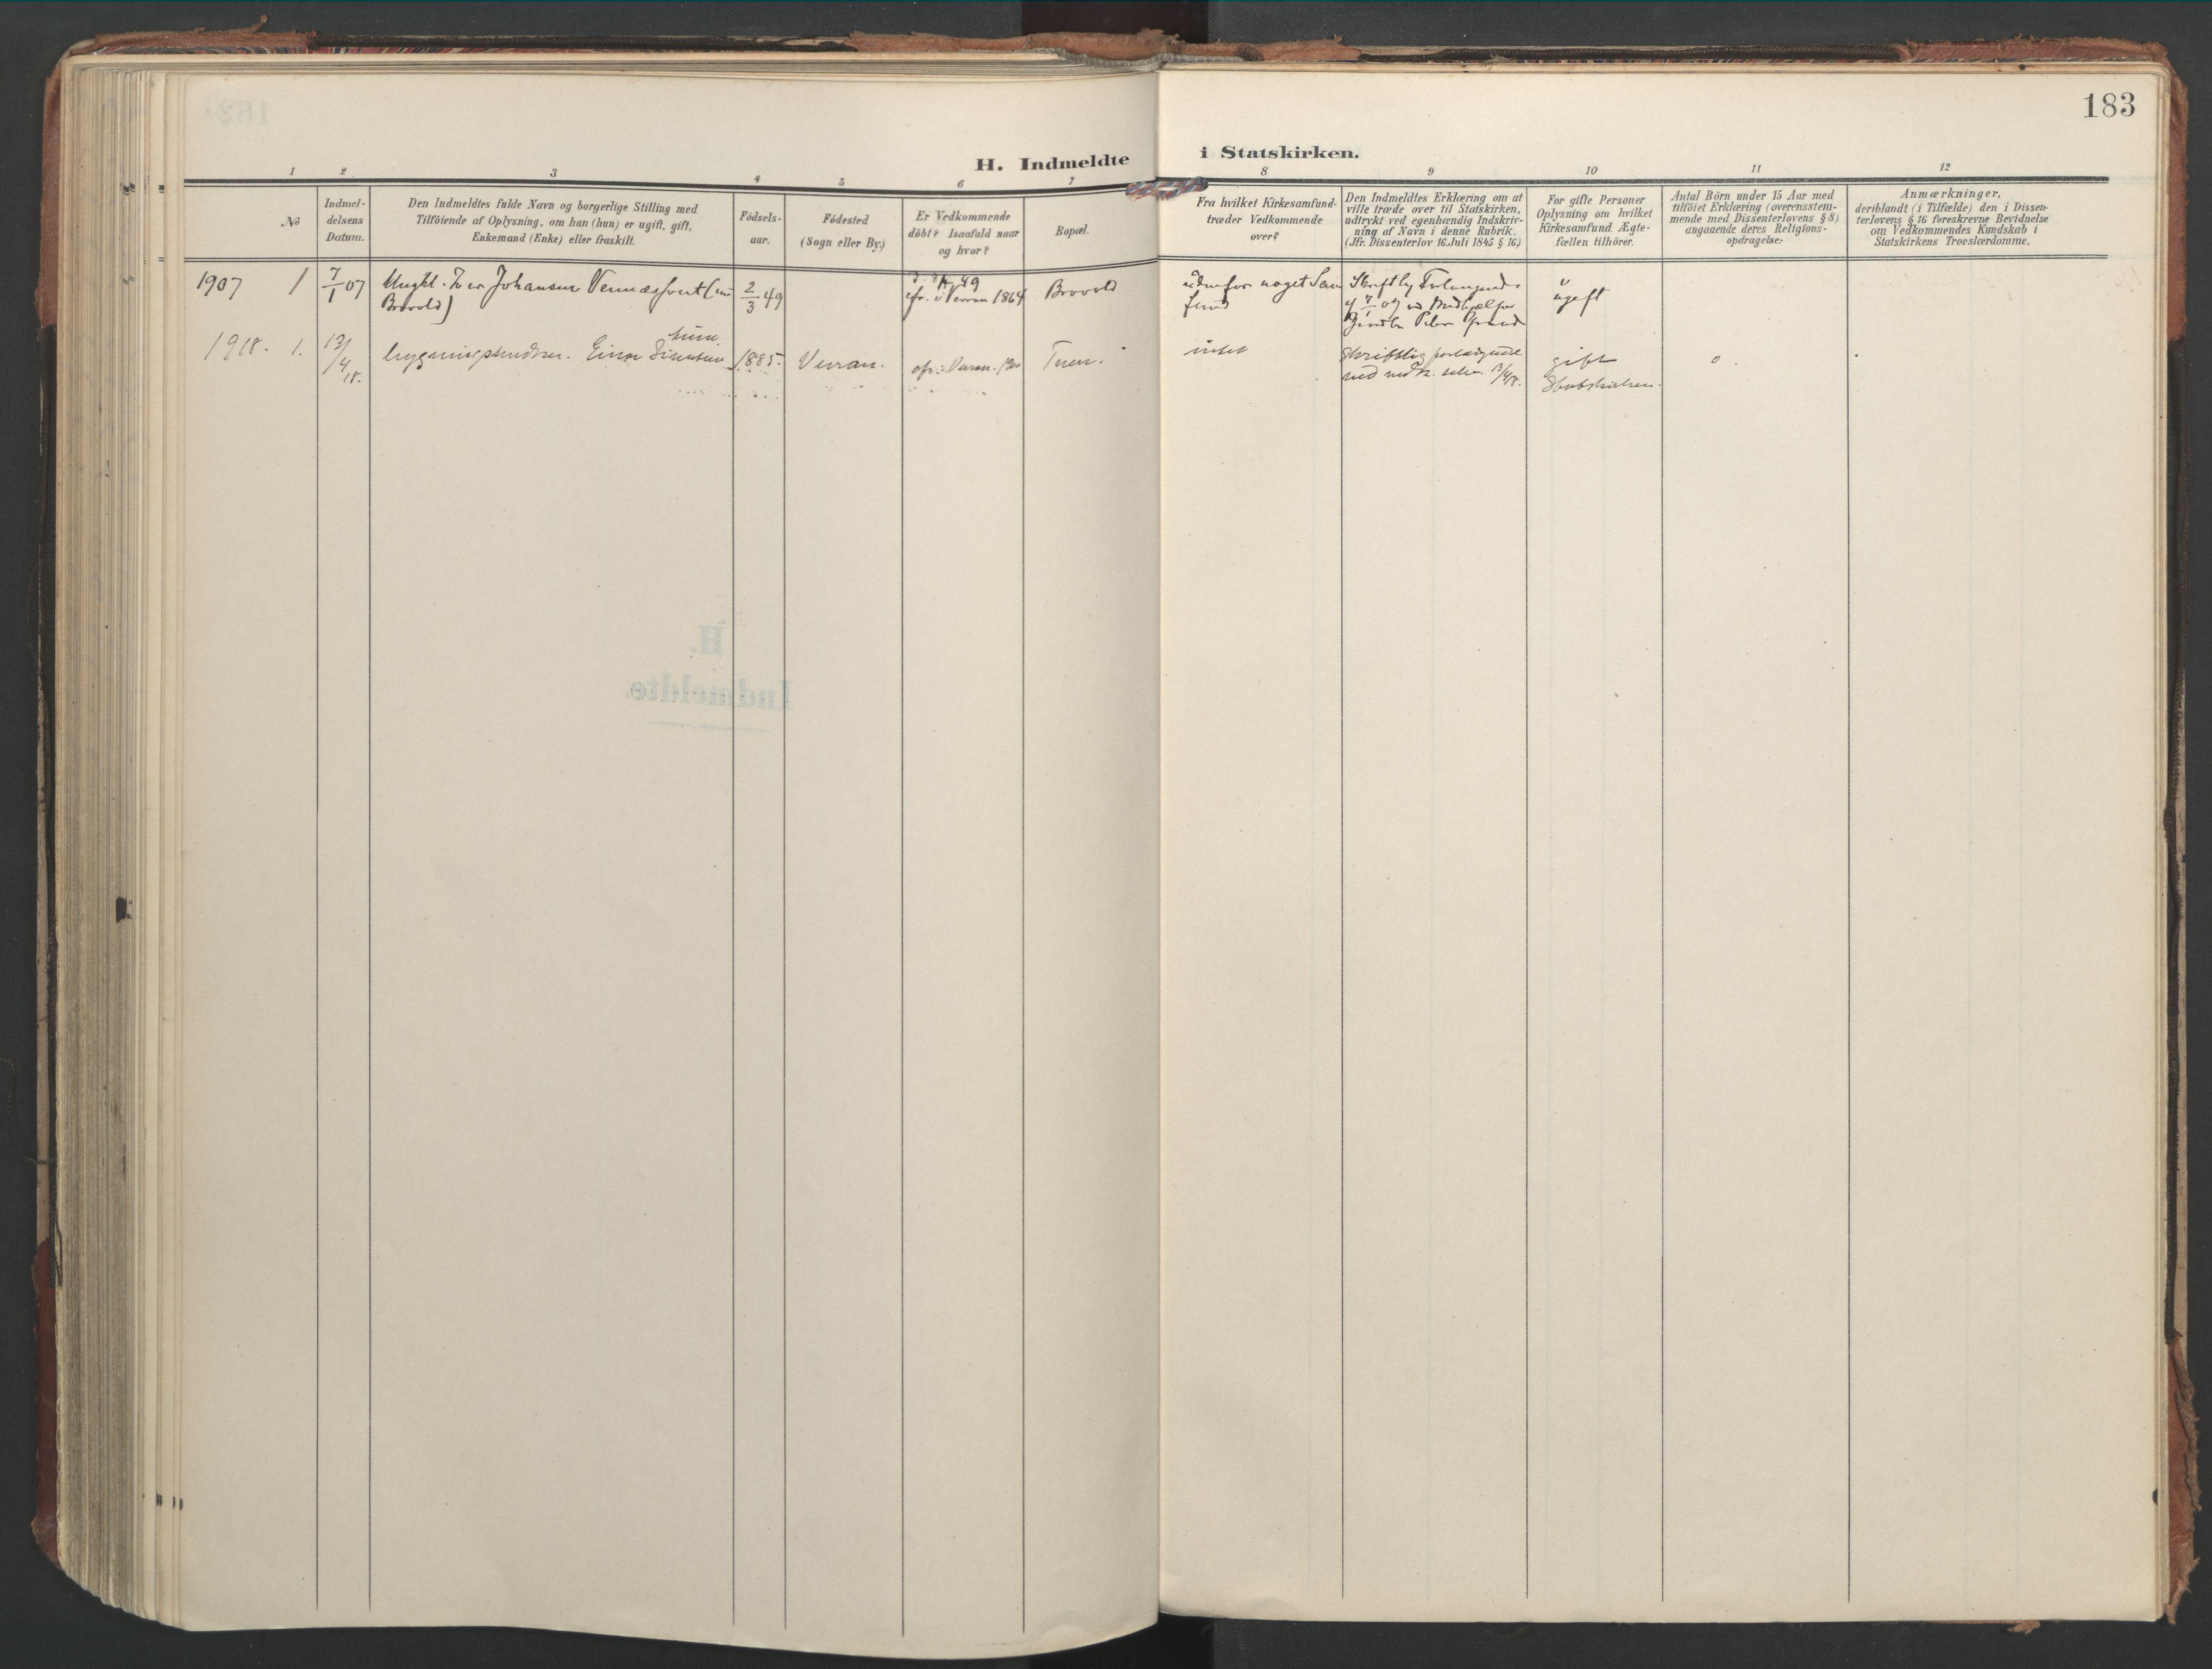 SAT, Ministerialprotokoller, klokkerbøker og fødselsregistre - Nord-Trøndelag, 744/L0421: Ministerialbok nr. 744A05, 1905-1930, s. 183